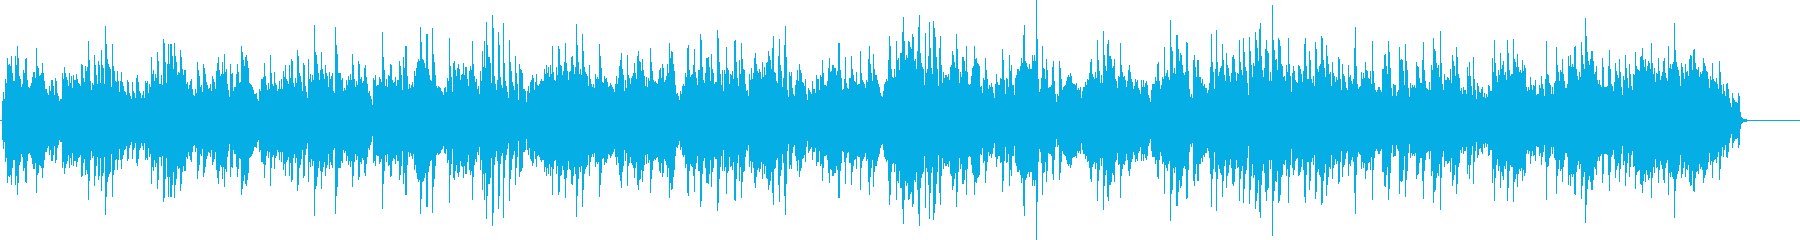 揺れる心(ピアノソロ・不安・期待)の再生済みの波形